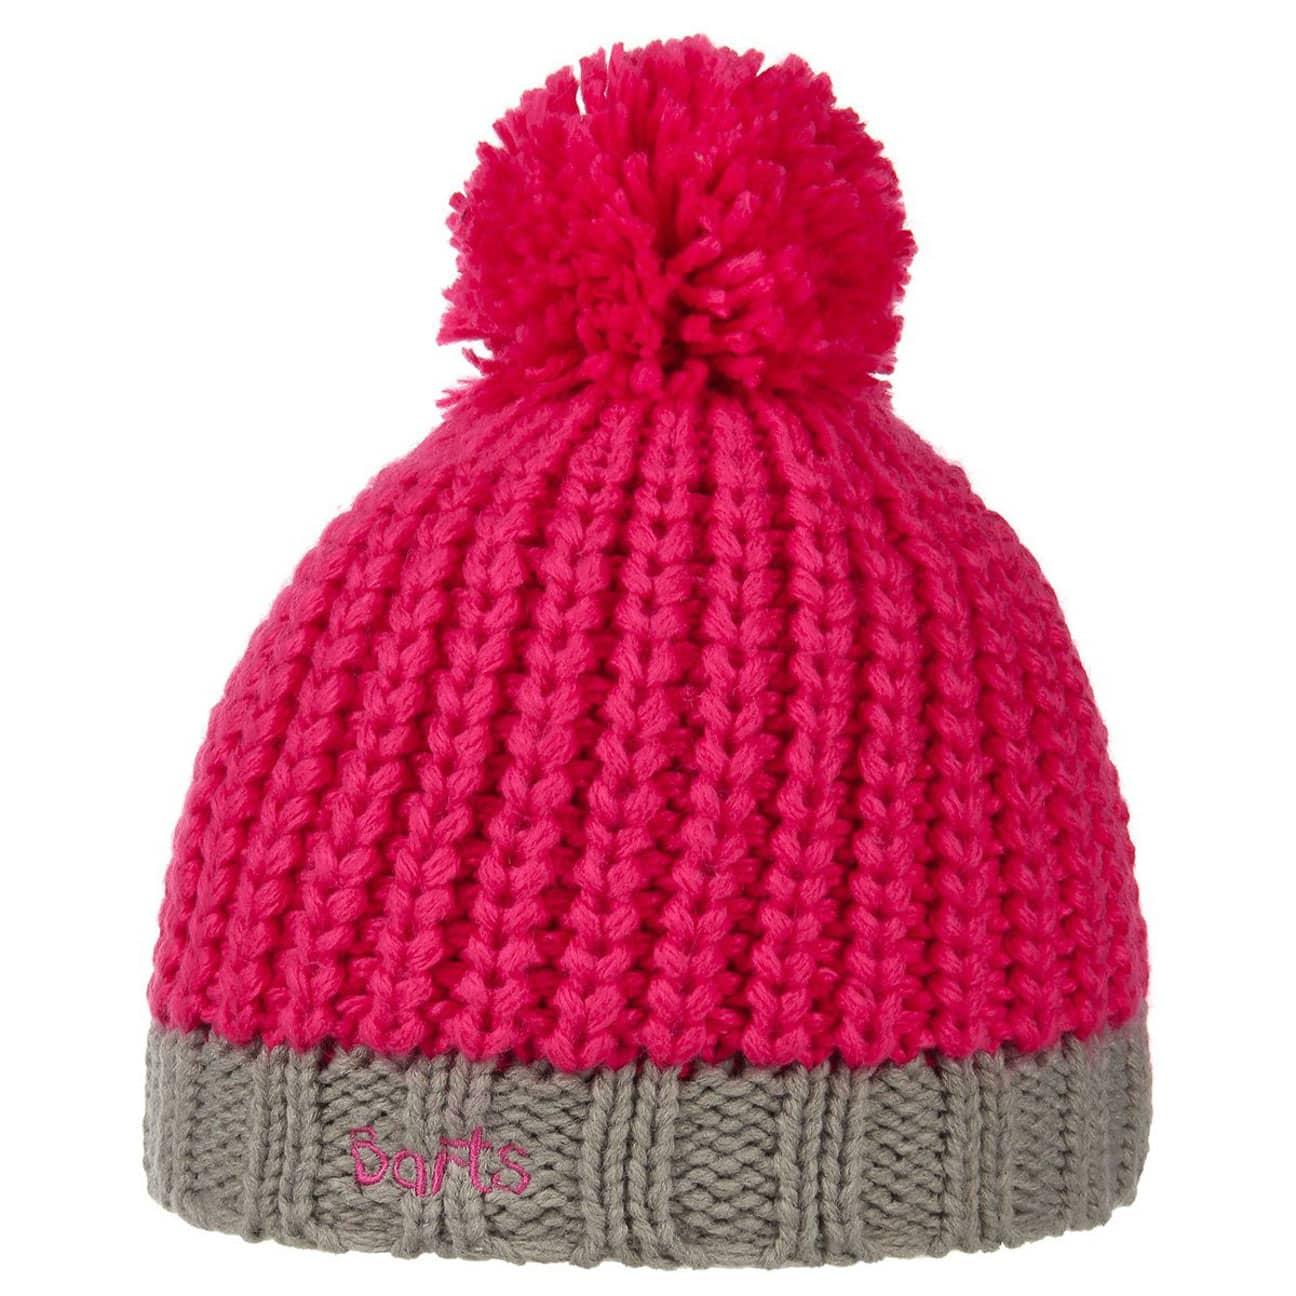 e03ae671ce0 ... Bonnet pour Enfant Jordan Kids by Barts - pink 1